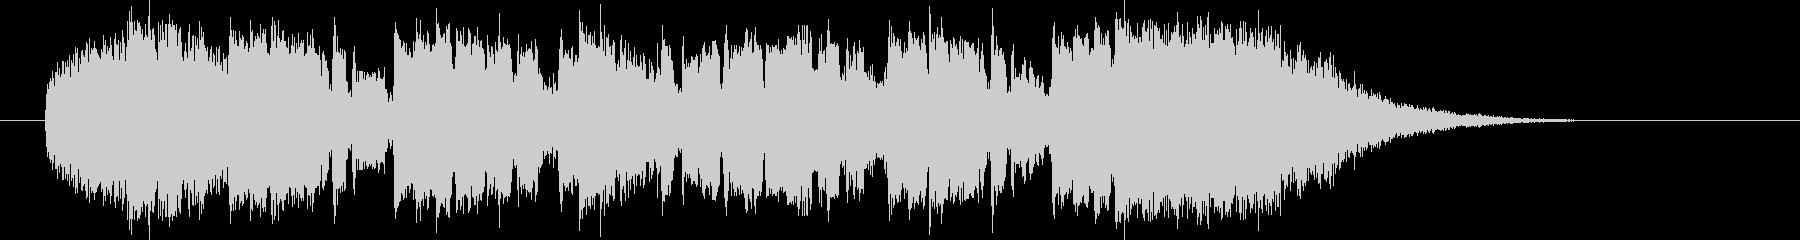 軽快なリズムとピアノによるポップスの未再生の波形